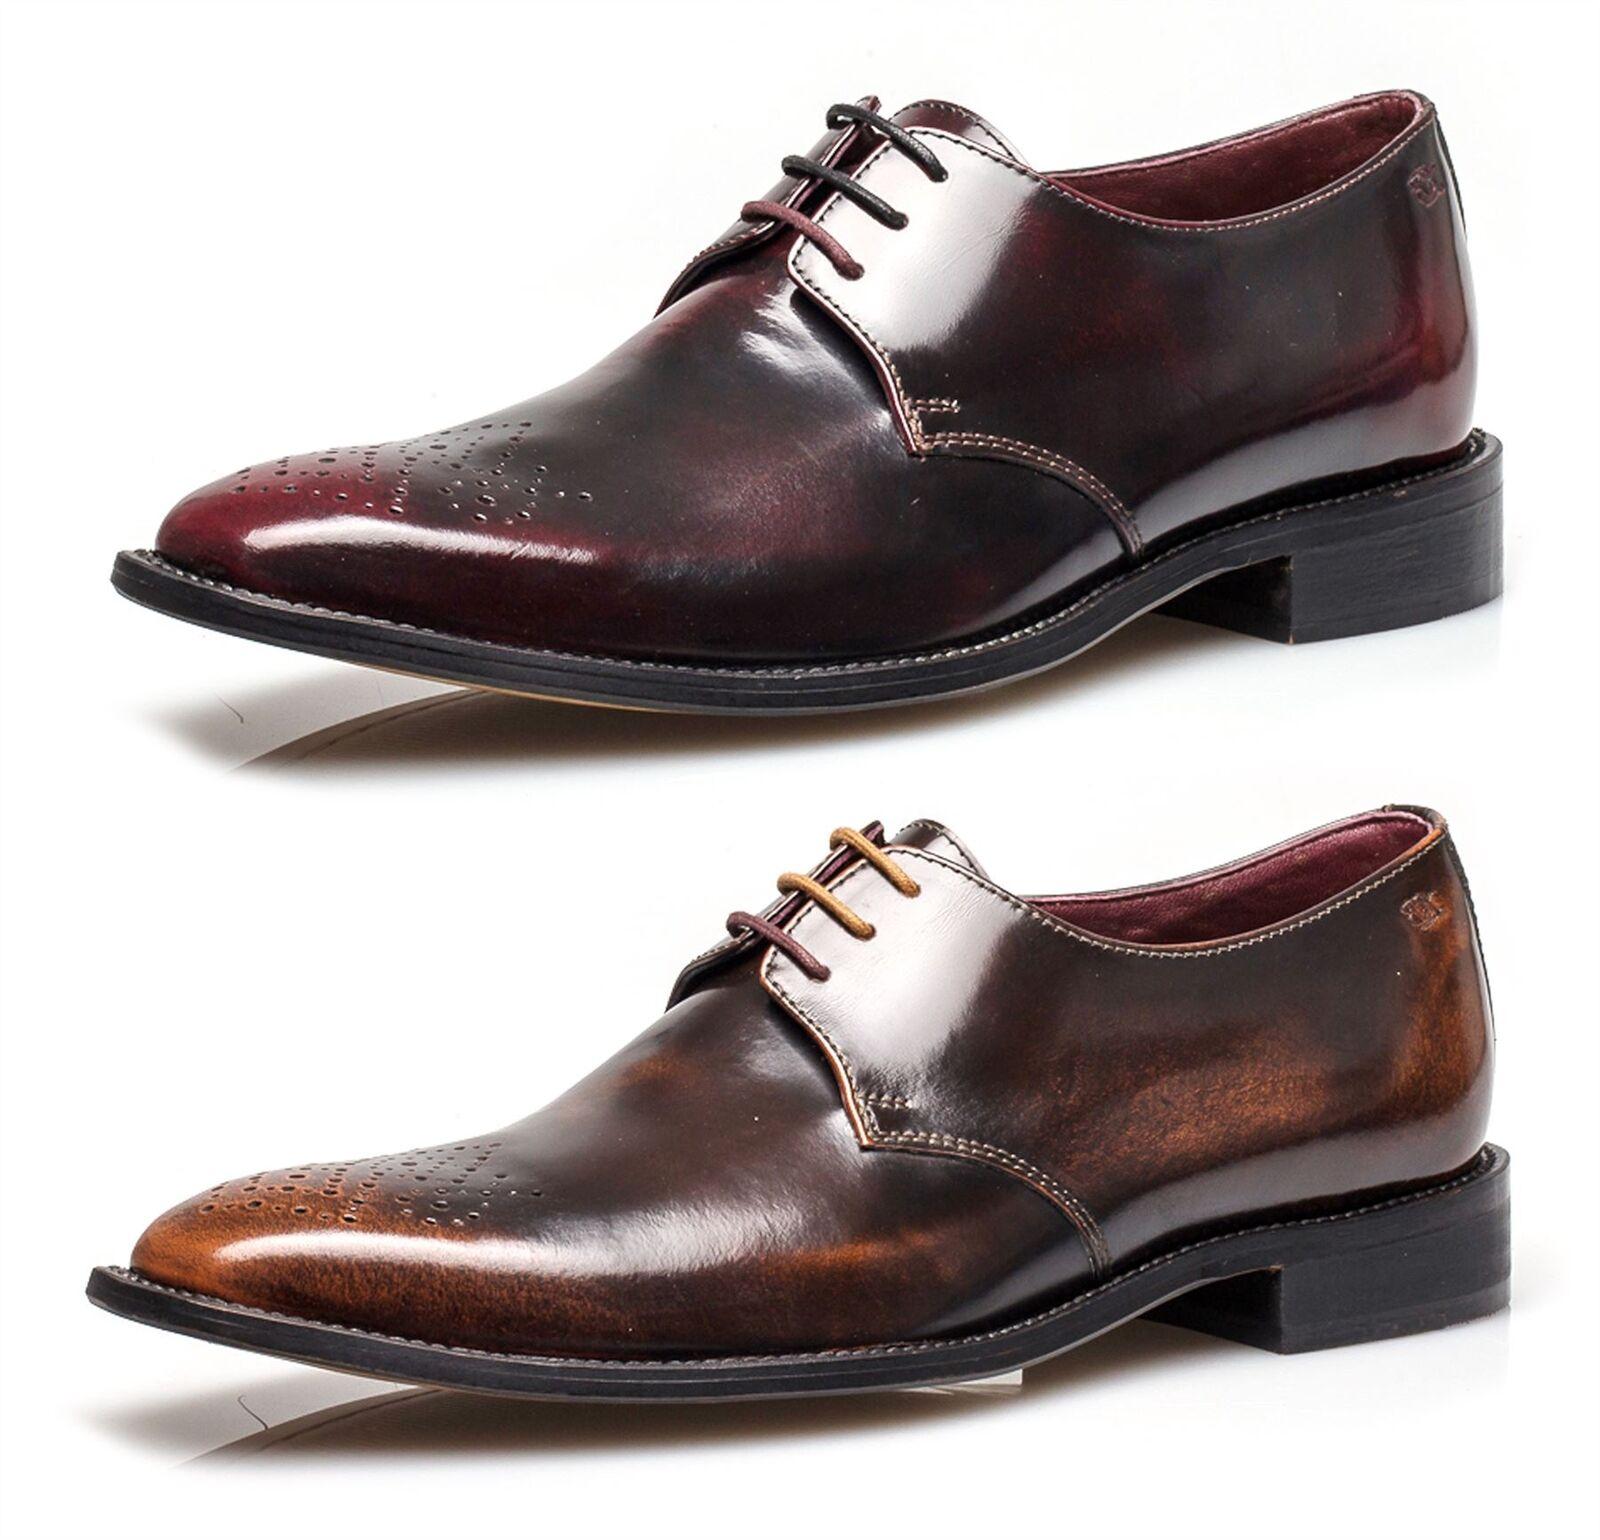 London Cuero Calado Earl Pulido tan Para Hombre Formales Oxford Encaje Gibson Zapatos Formales